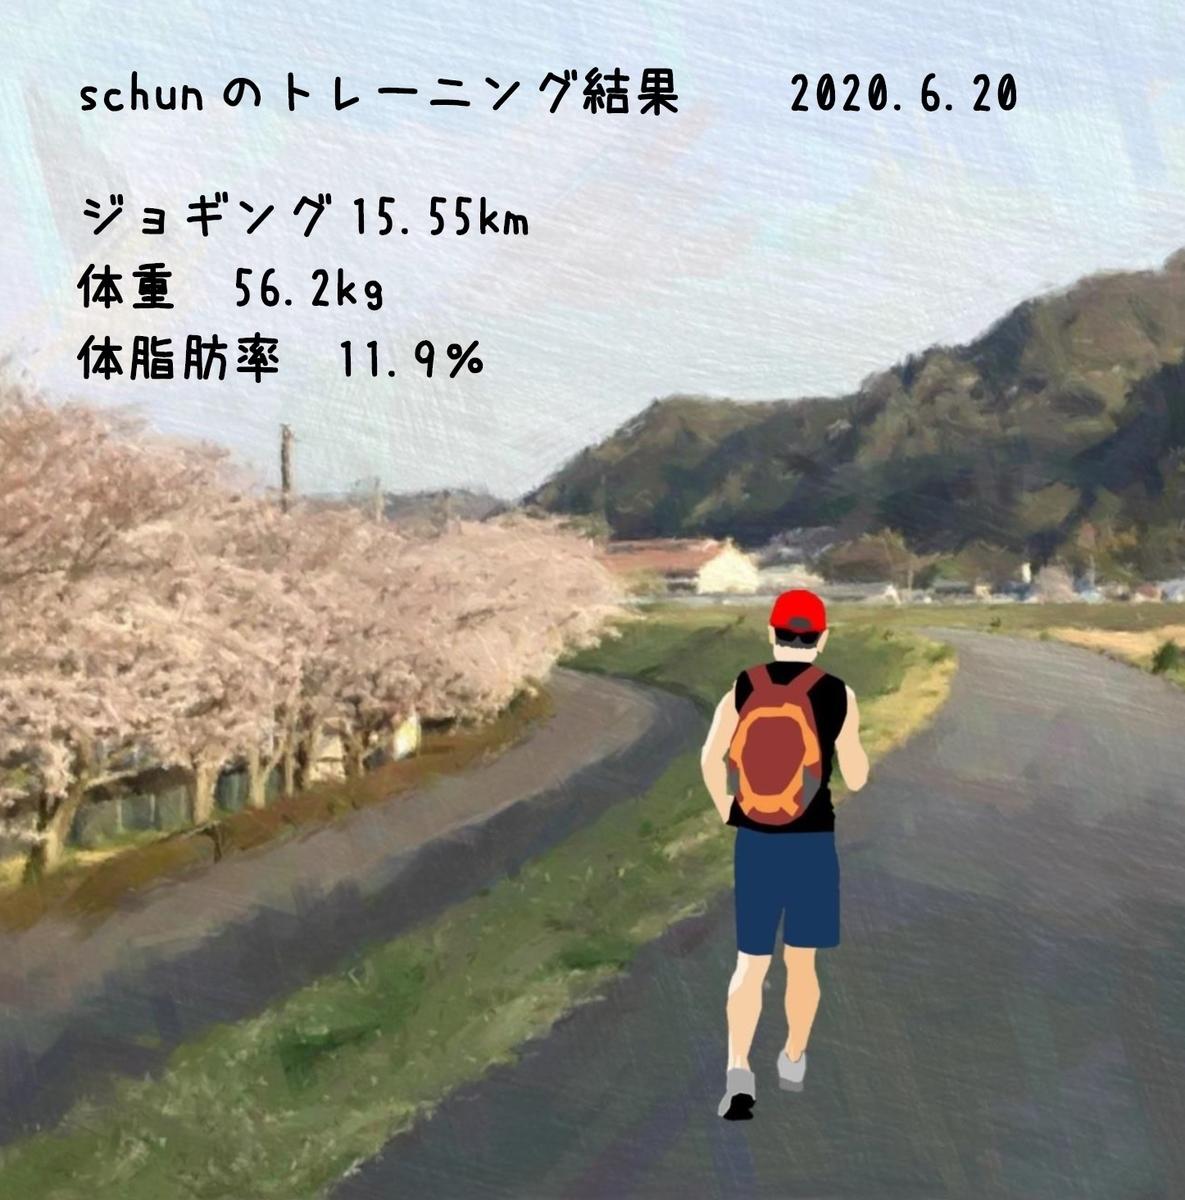 f:id:schunchi2007:20200621181945j:plain